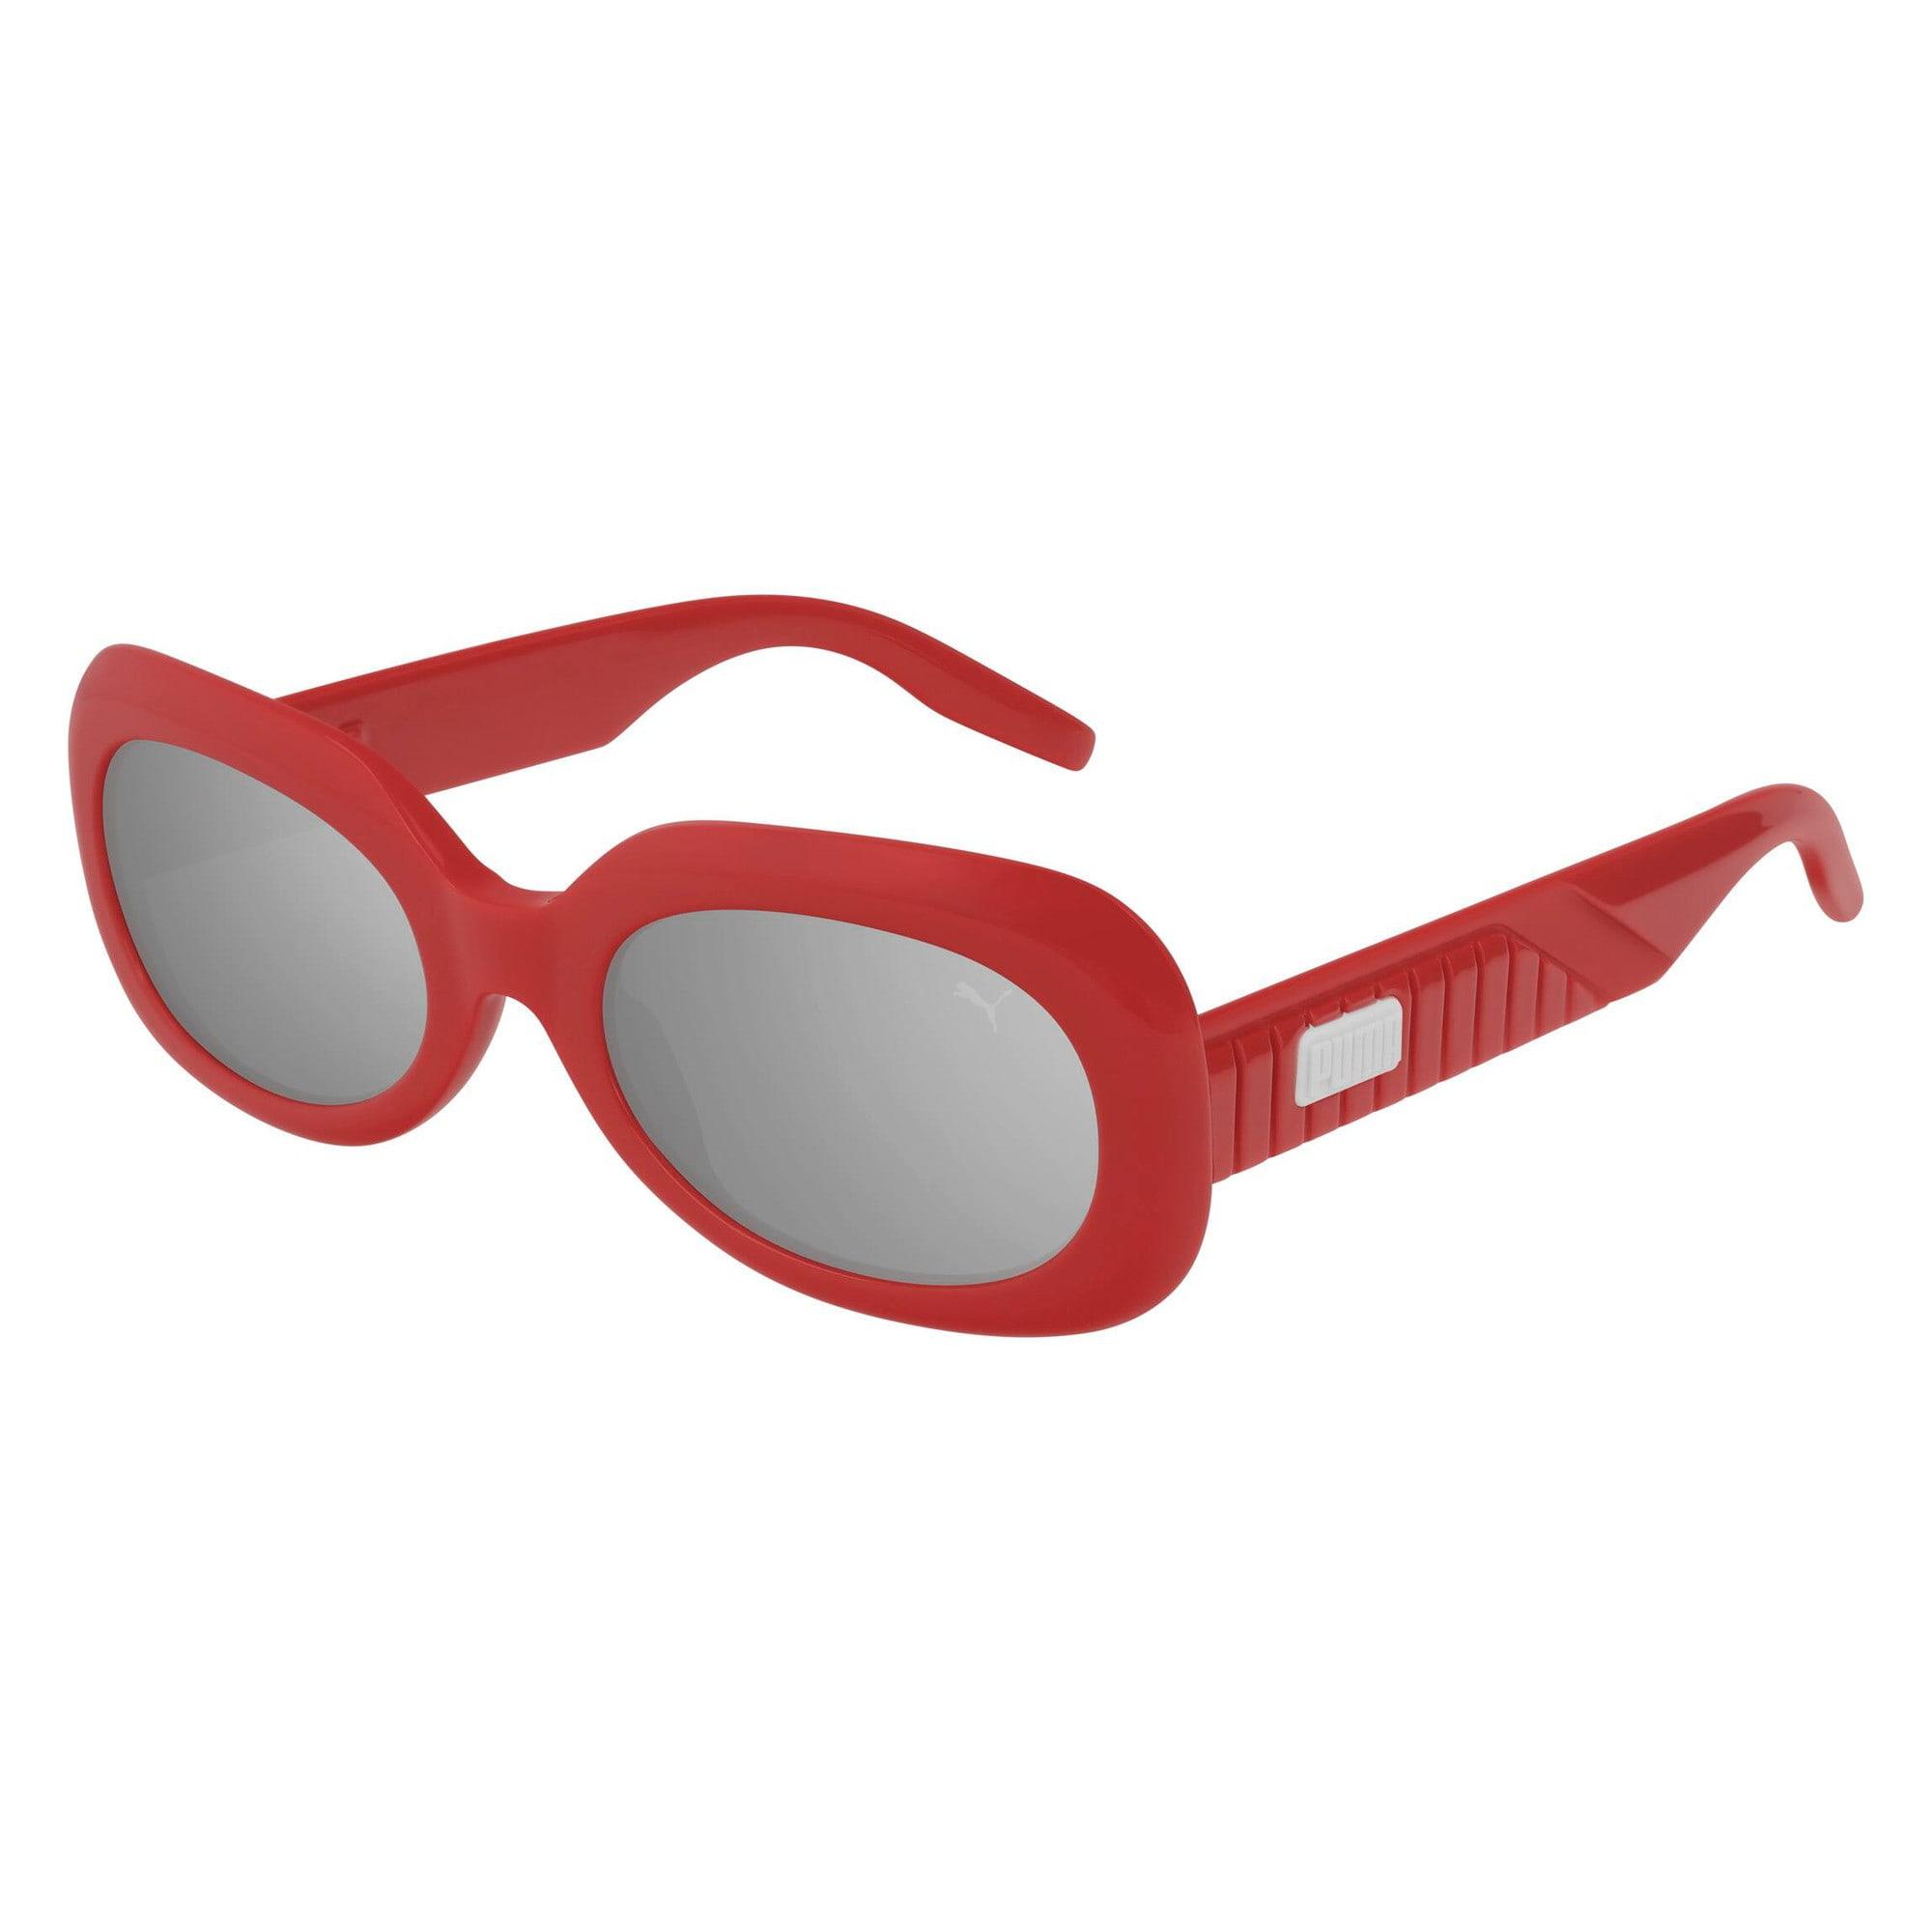 Miniatura 1 de Gafas de sol Ruby Oval, ROJO, mediano